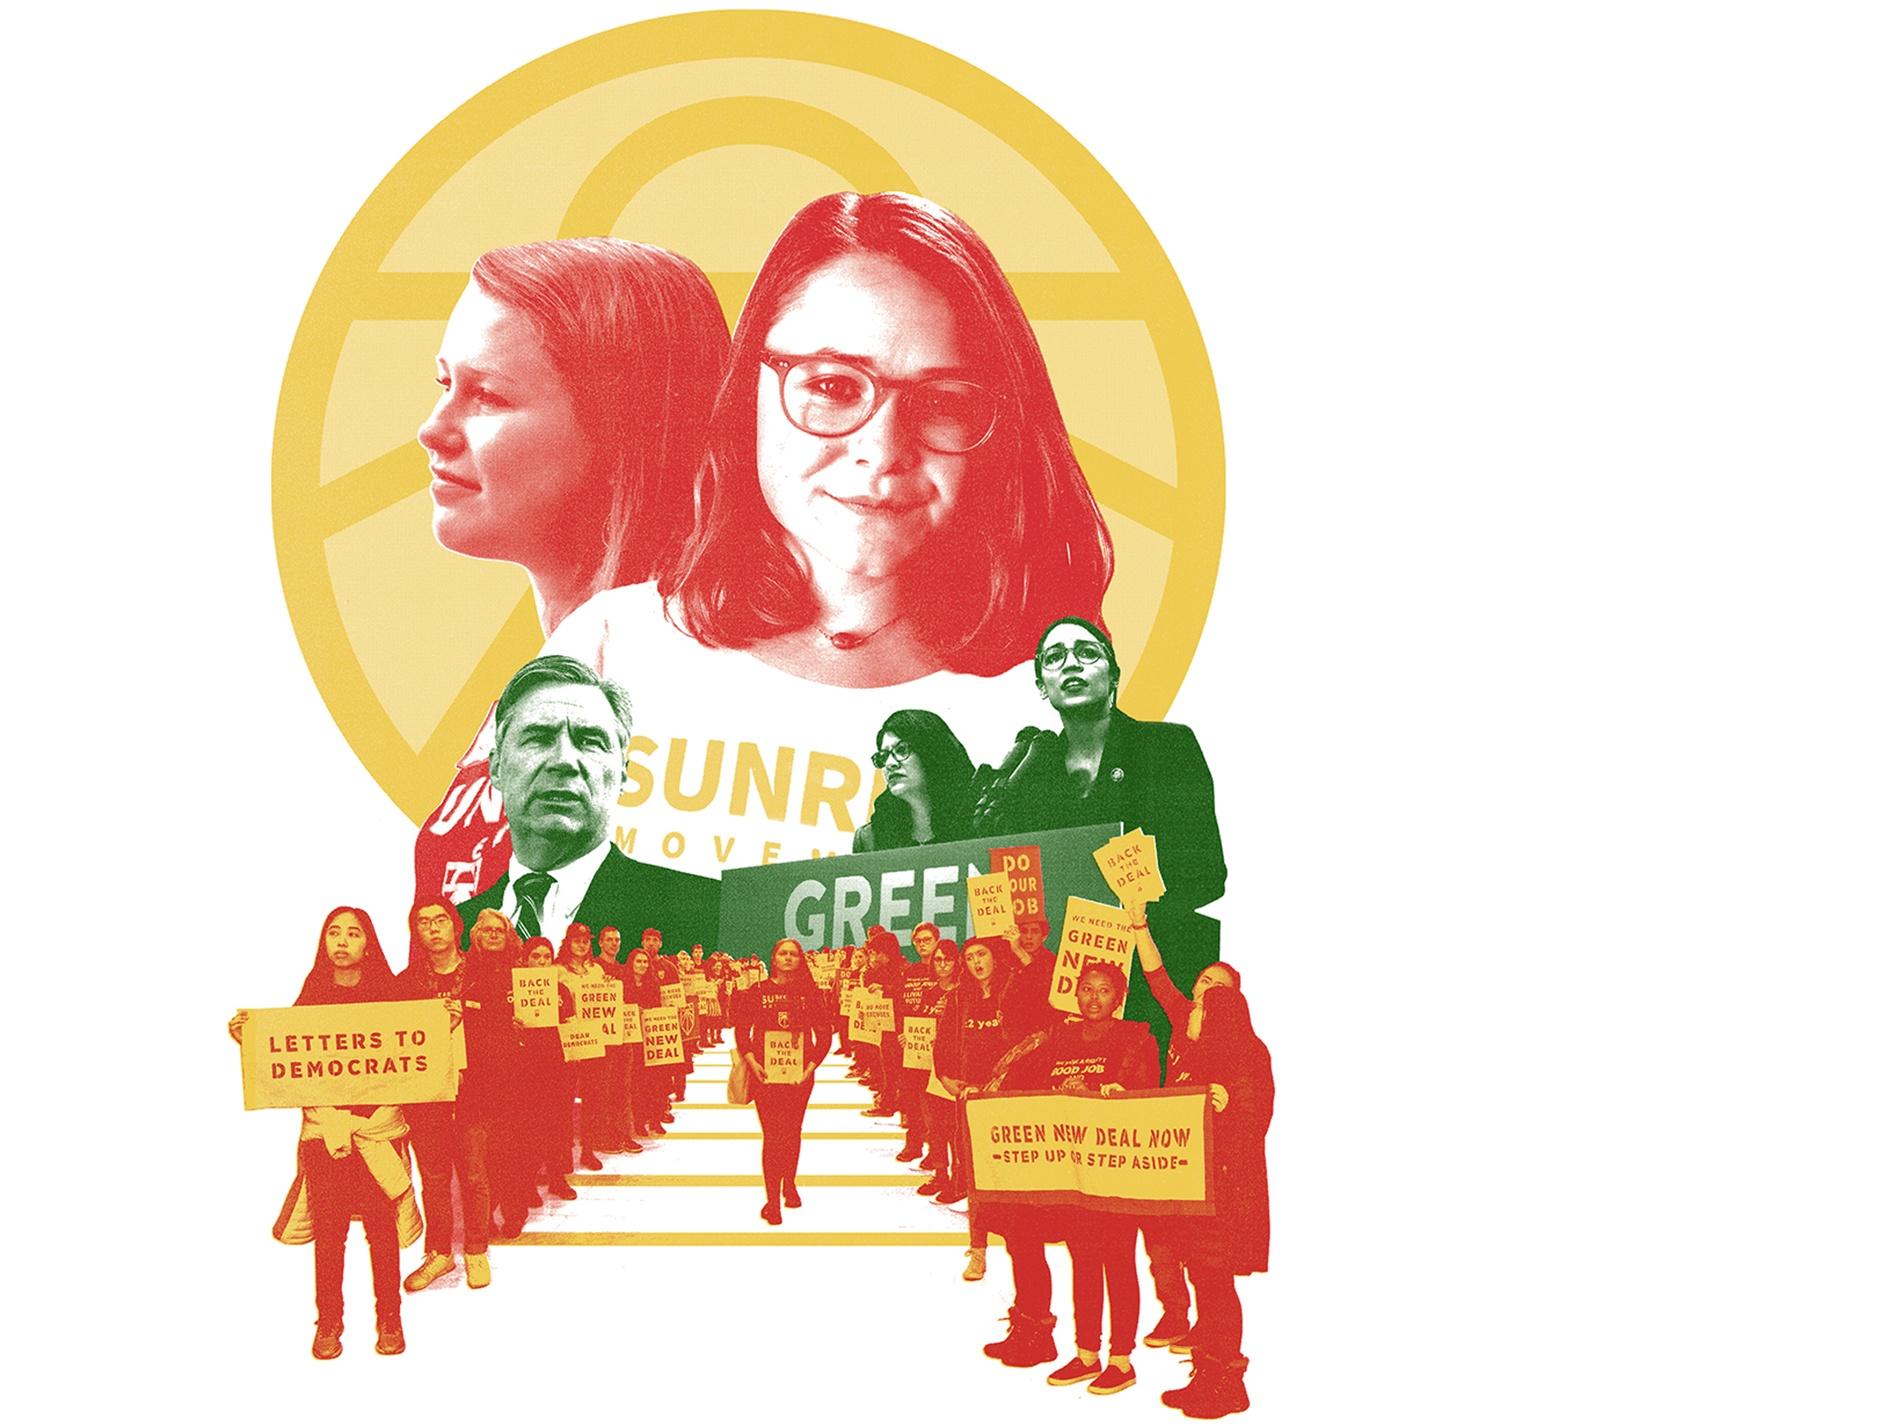 illustrated portrait of student Sunrise leaders